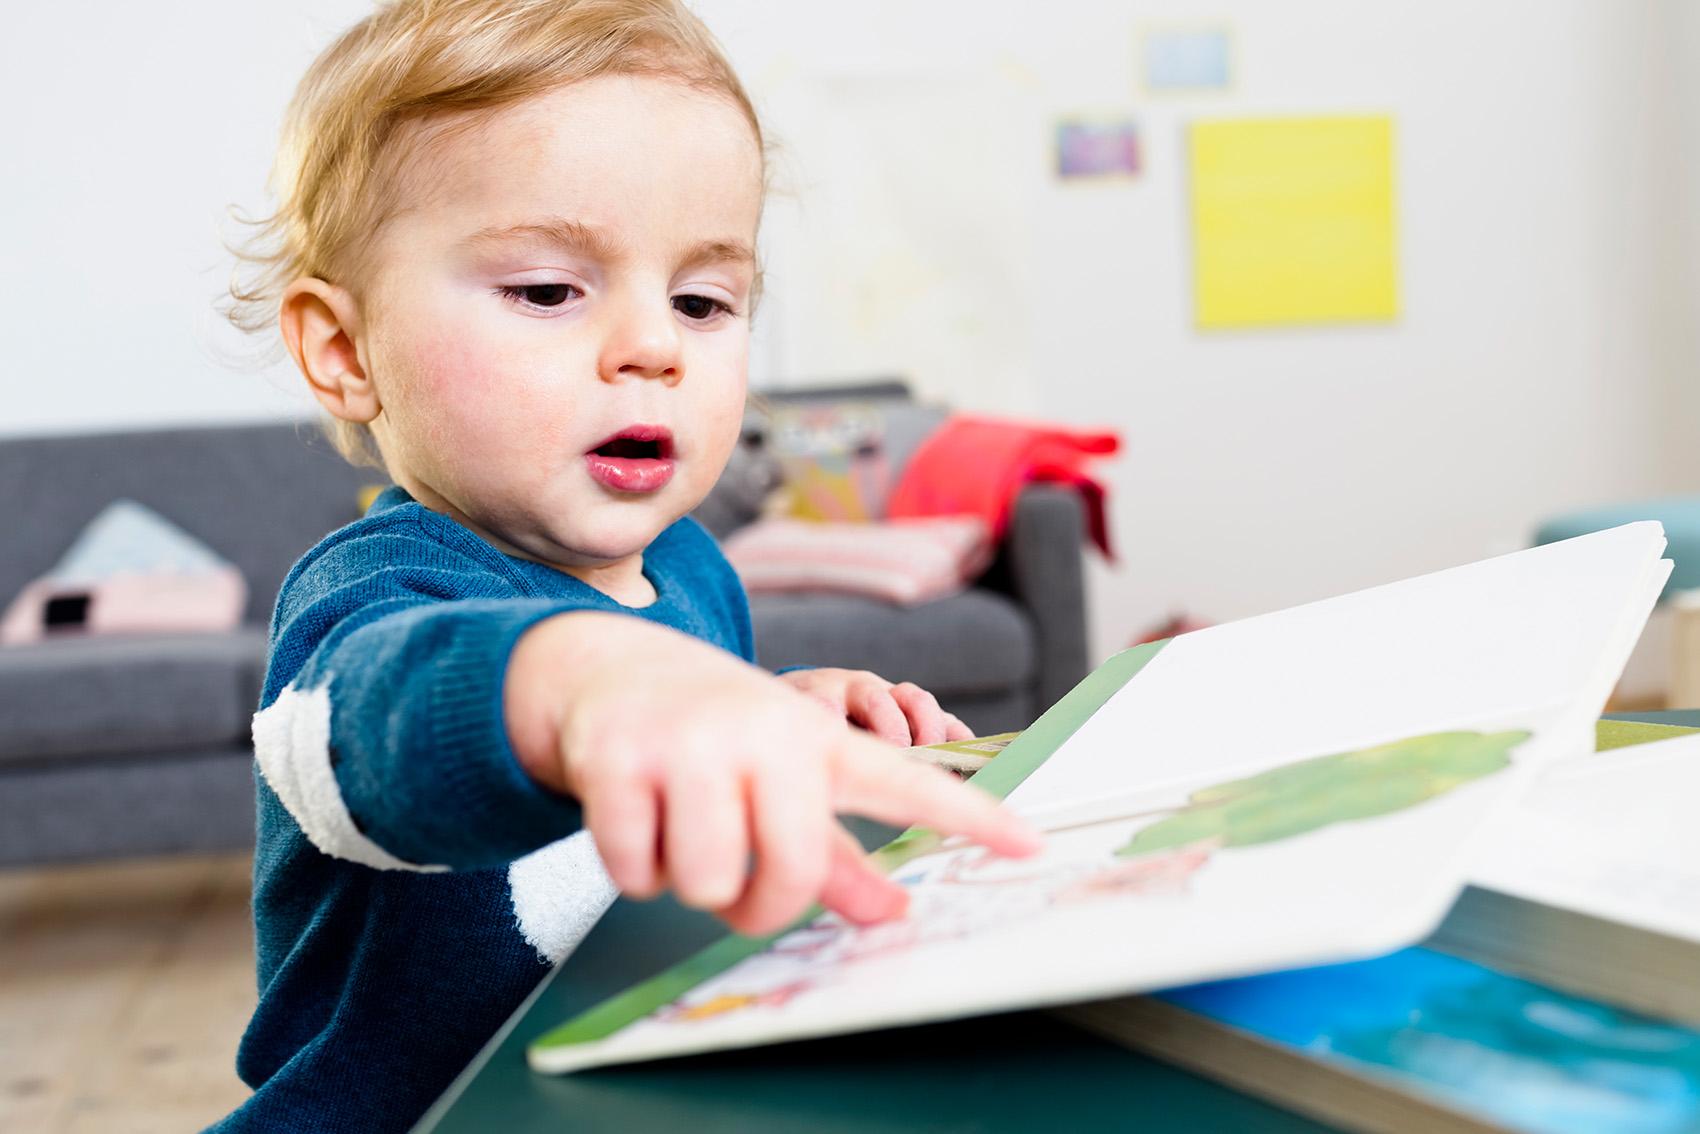 Sprachentwicklung bei Kindern – wann beginnen Babys zu sprechen?